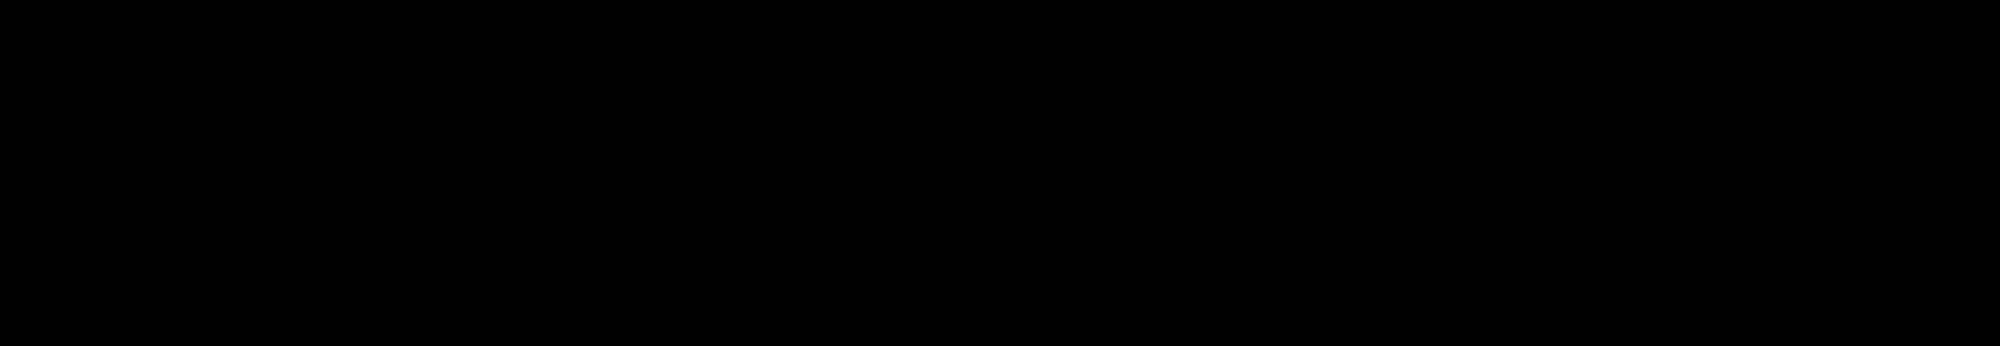 Carlton_Sports_logo